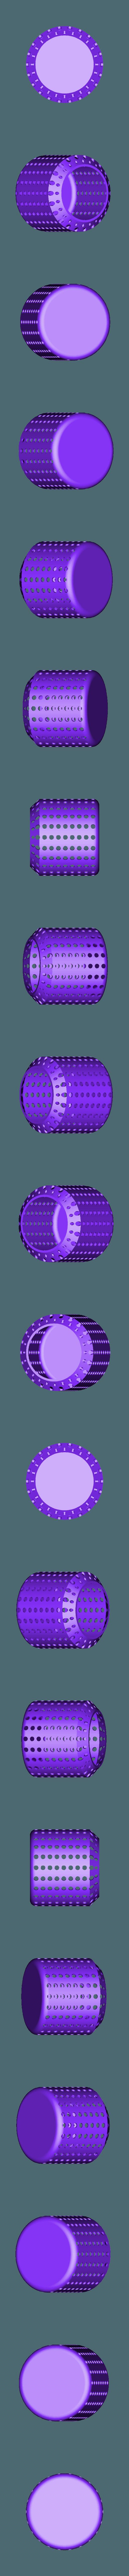 Aquarium-planter-big.stl Télécharger fichier STL gratuit Planteur d'aquarium • Plan à imprimer en 3D, Pator12